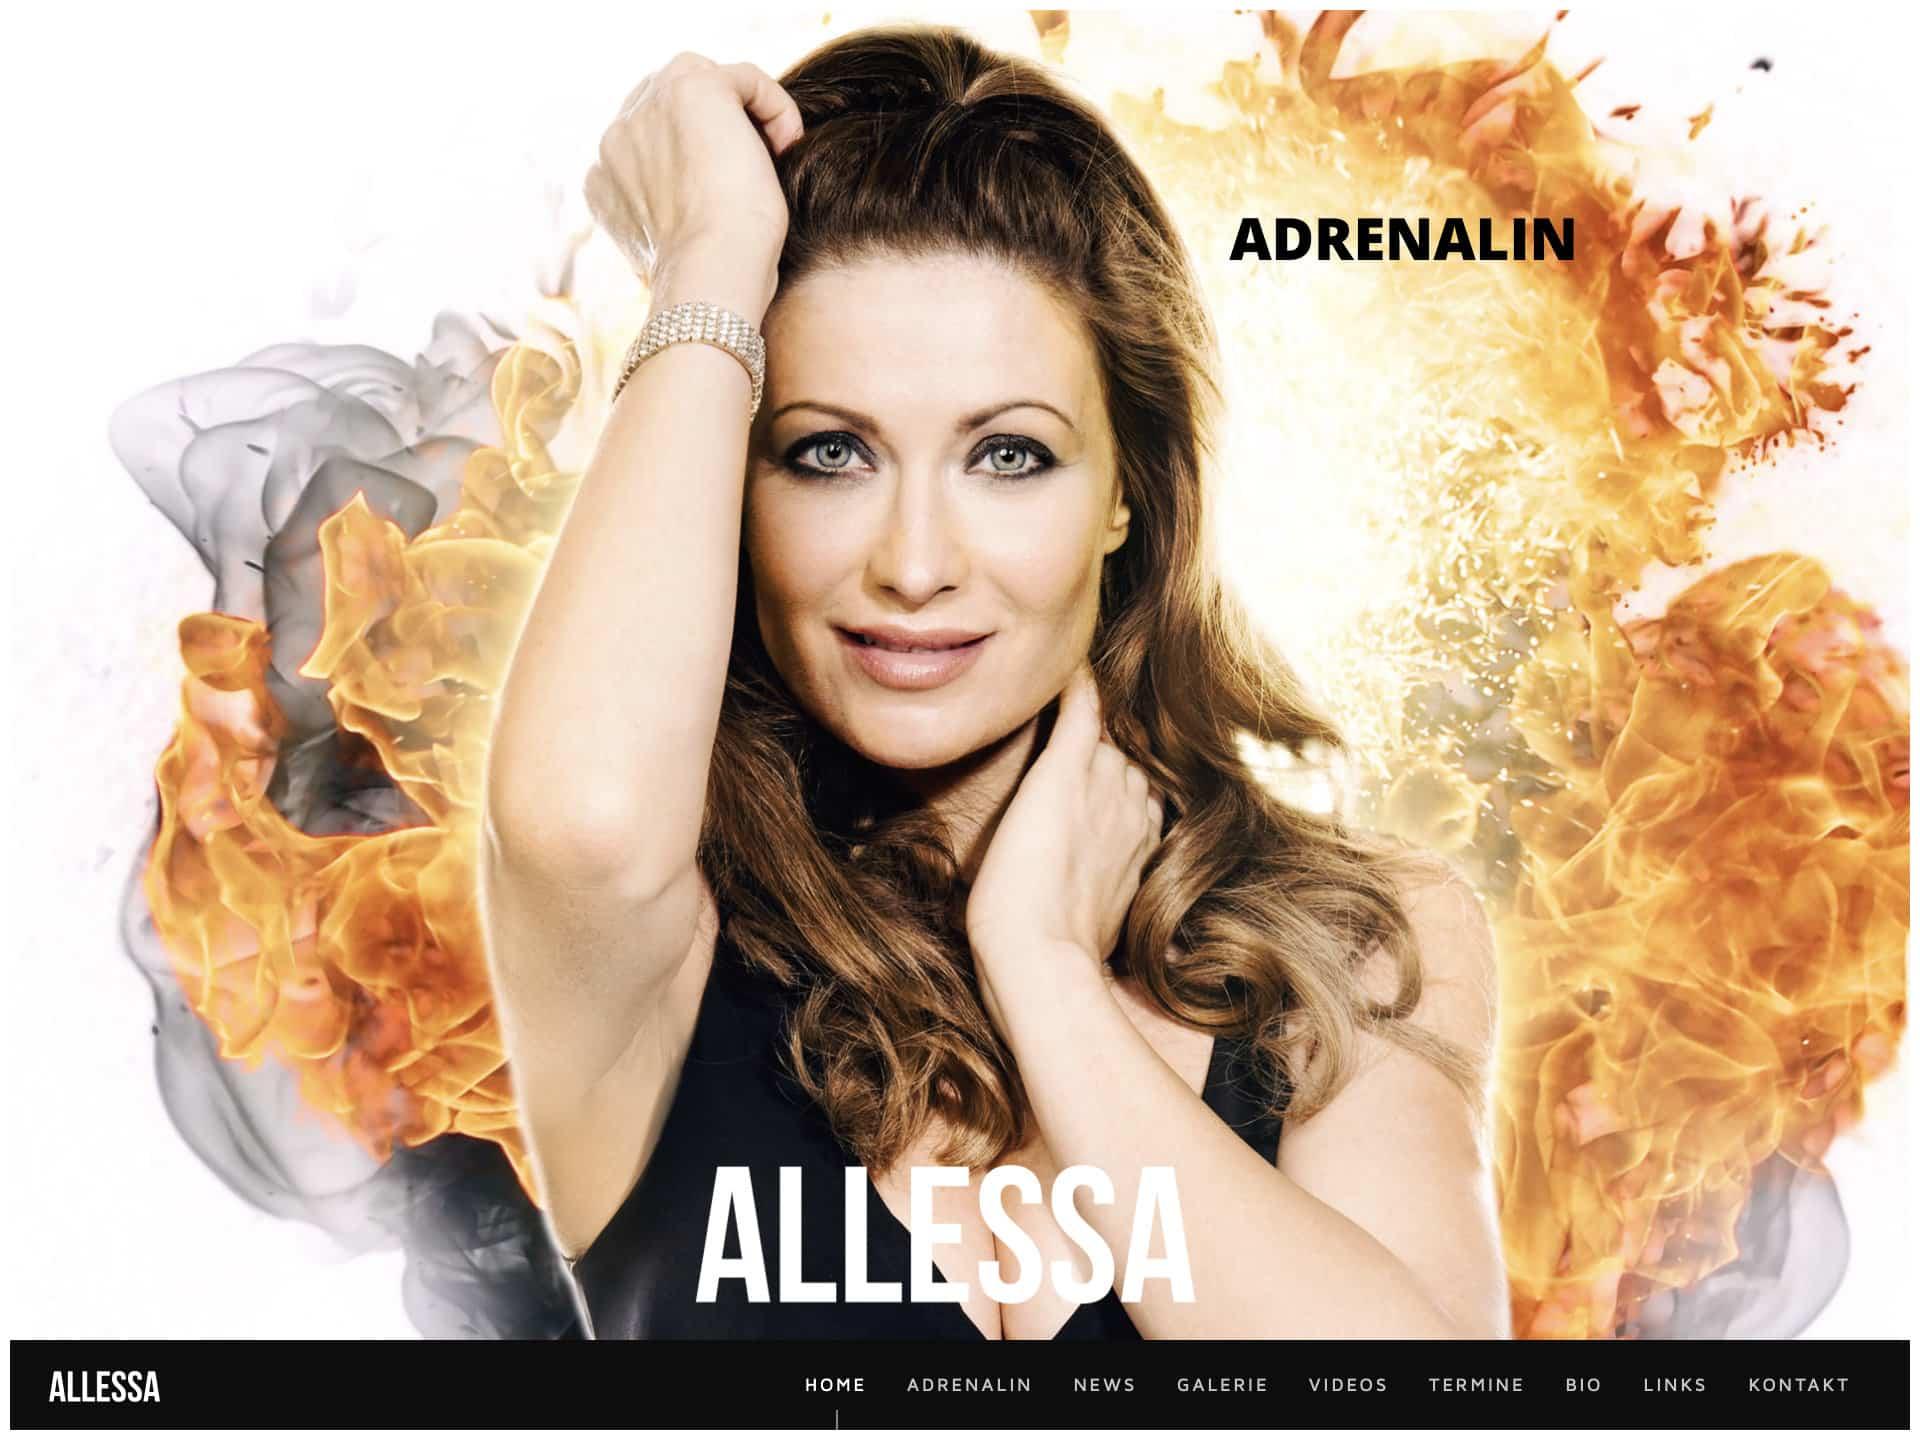 ALLESSA - Official Website